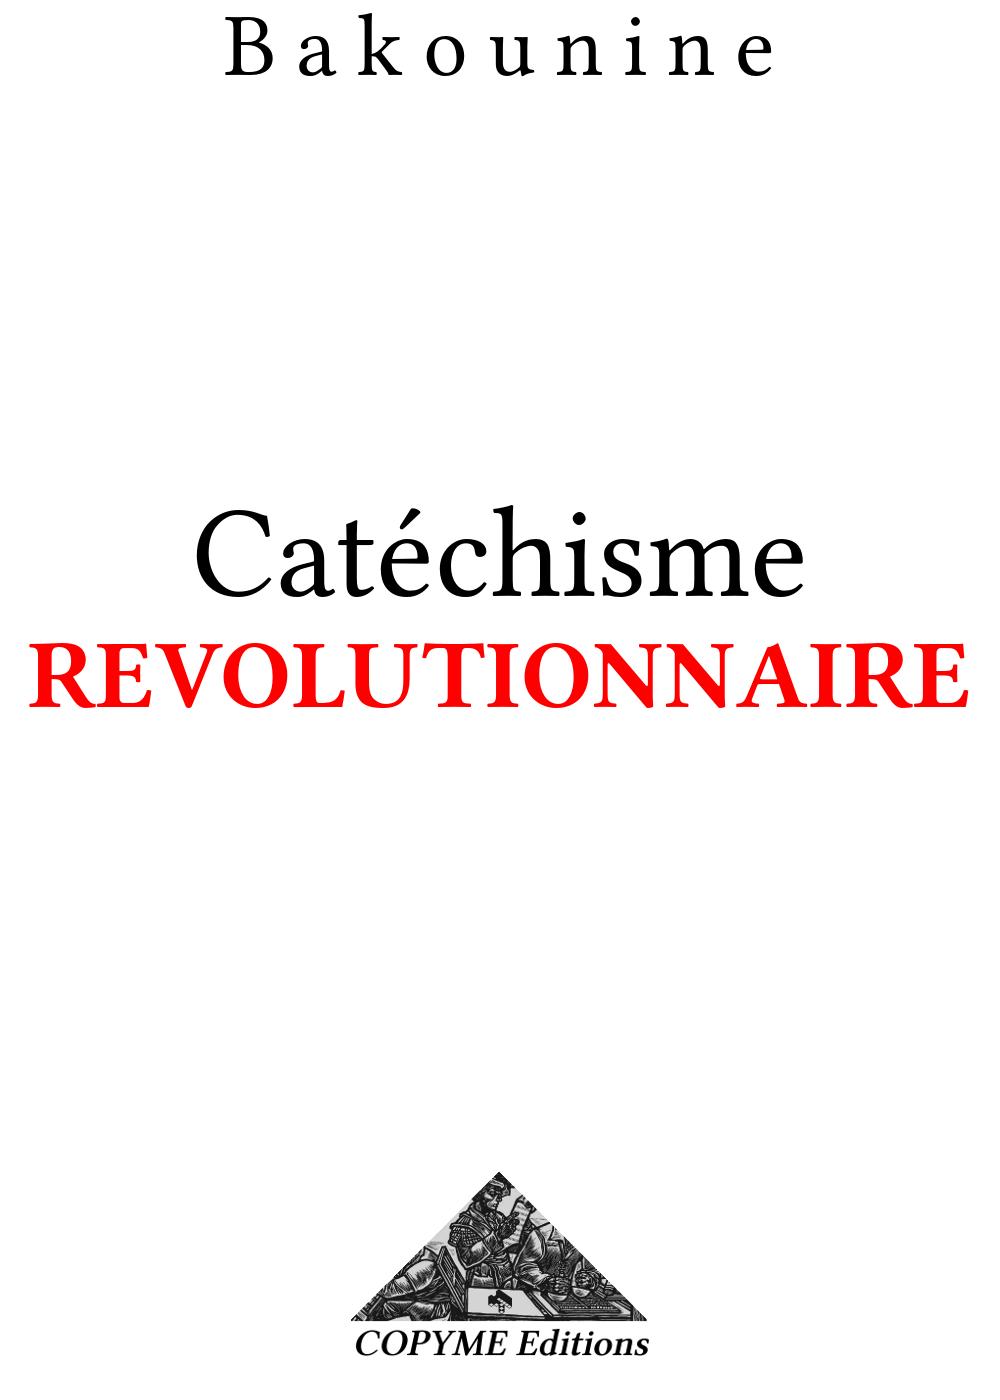 Bakounine - Catéchisme révolutionnaire/epub_cover.png